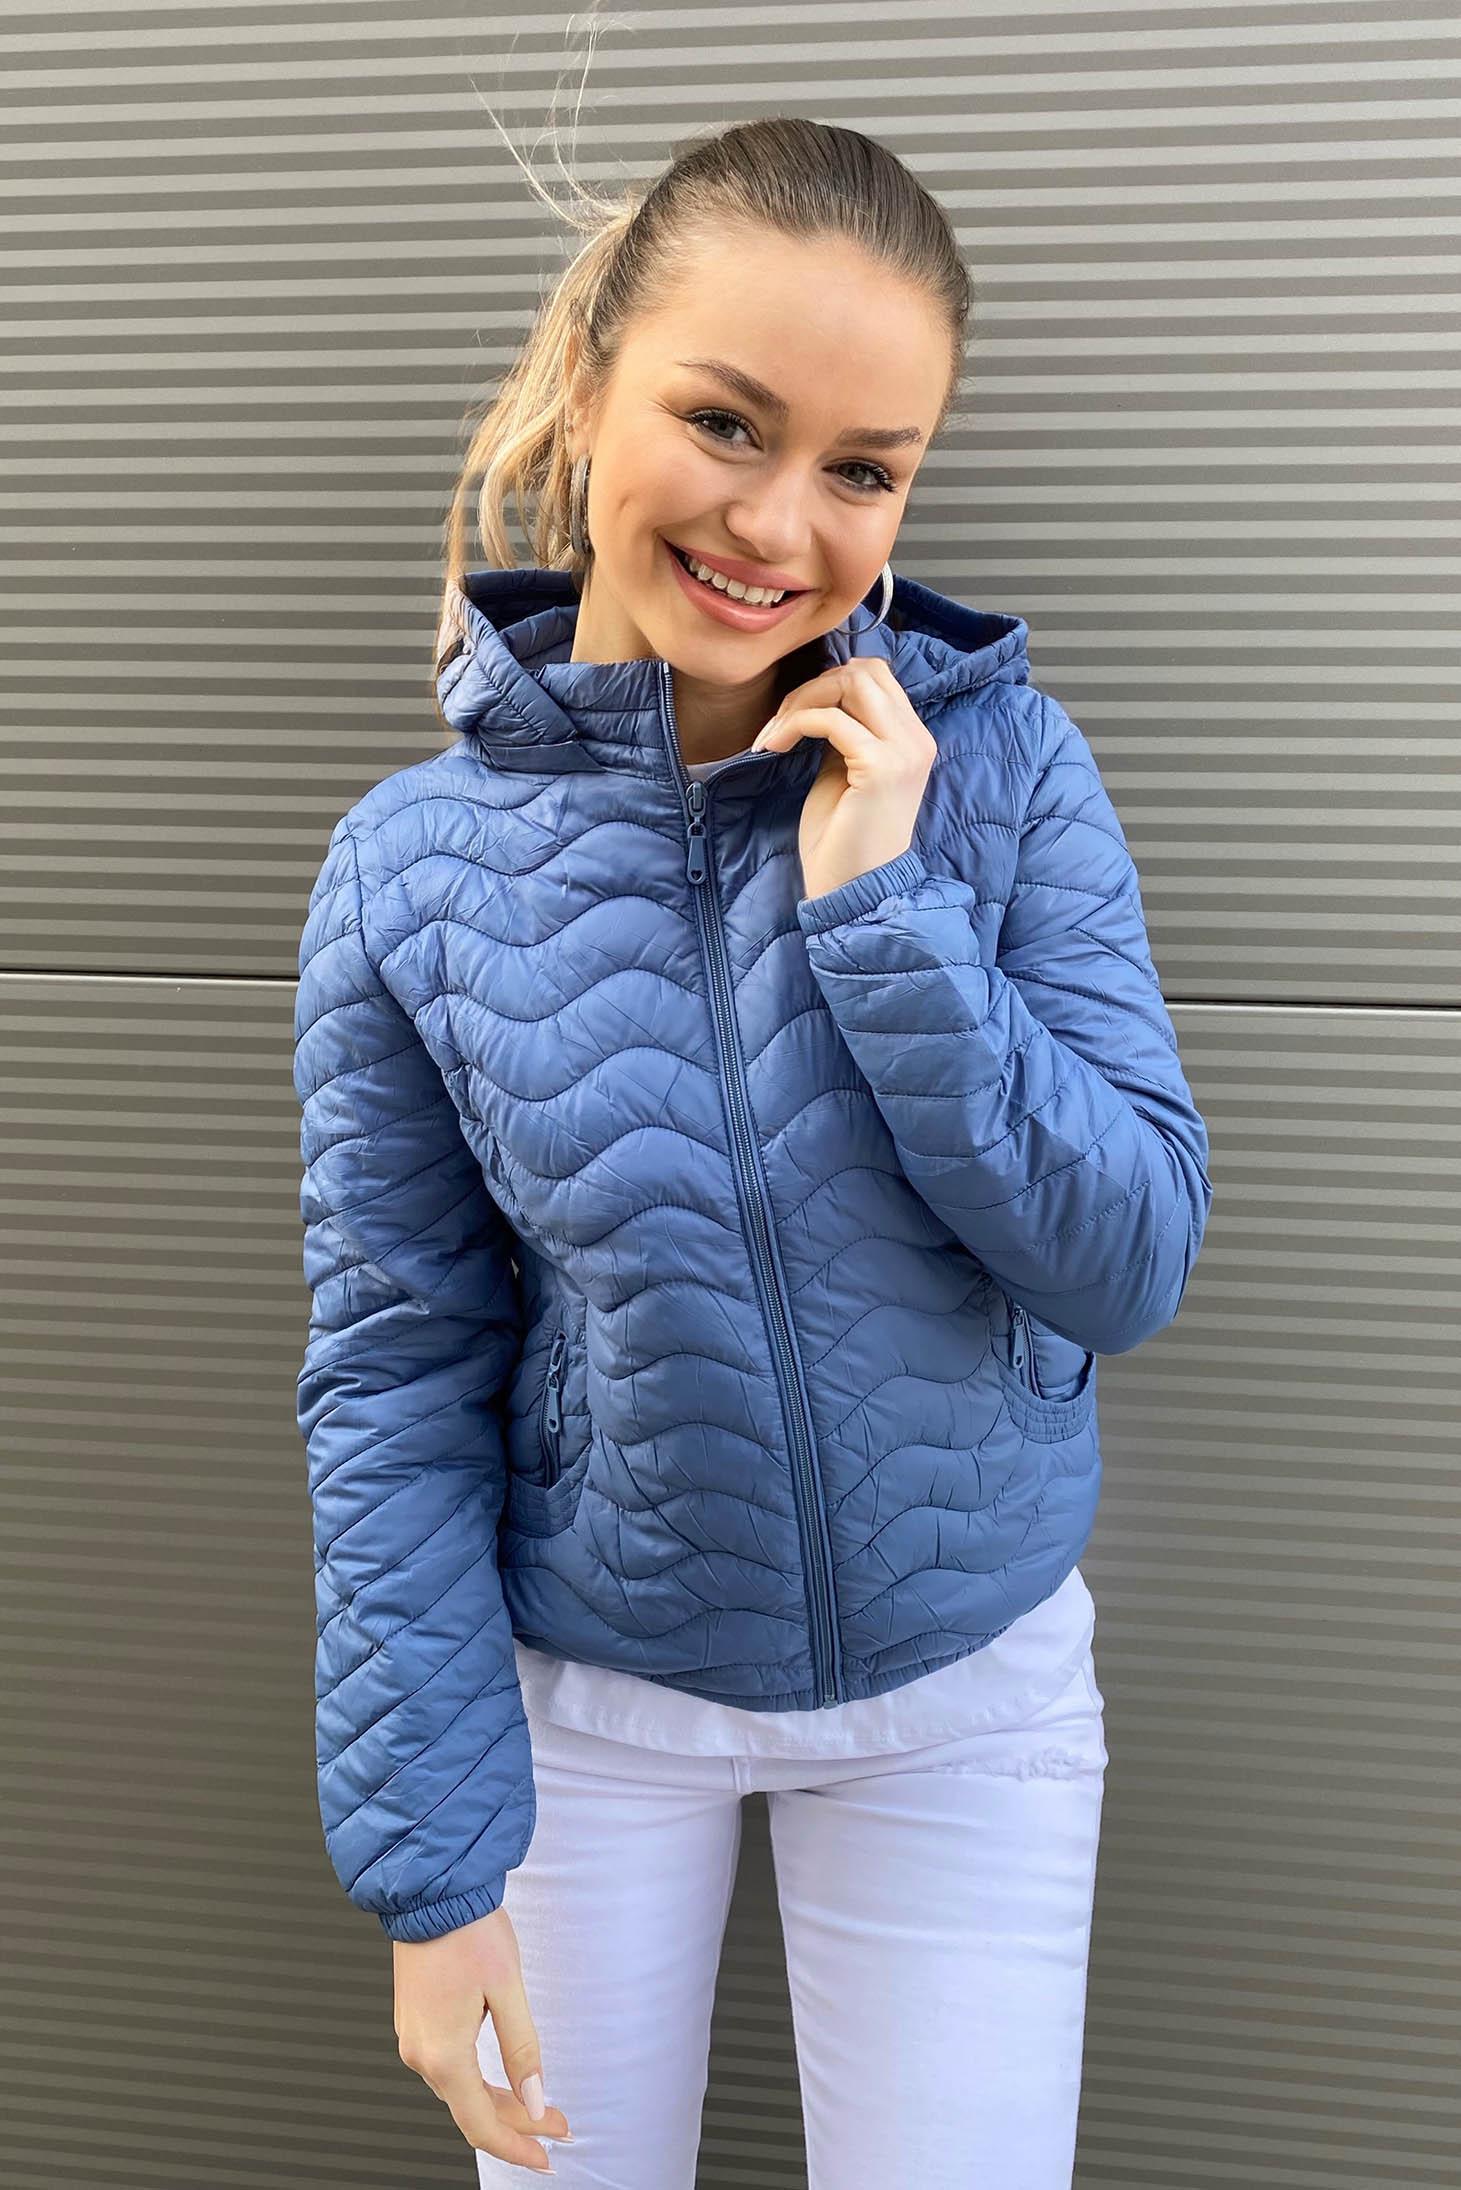 Kék dzseki szűkített vízlepergető steppelt anyag vékony anyag